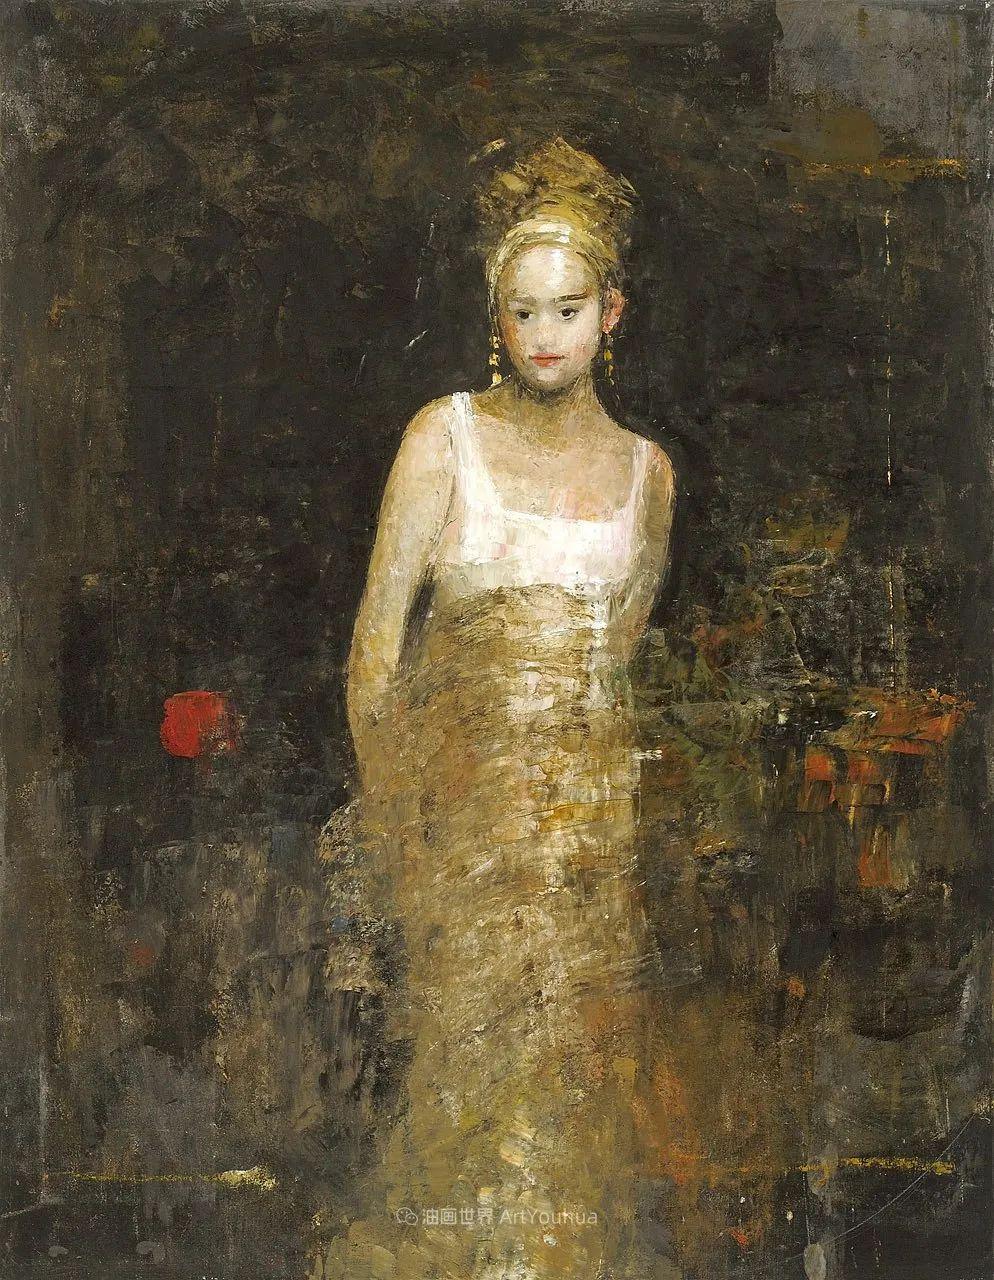 马耳他女画家 Goxwa Borg 戈克斯瓦·博格作品欣赏: 古典又现代!插图99